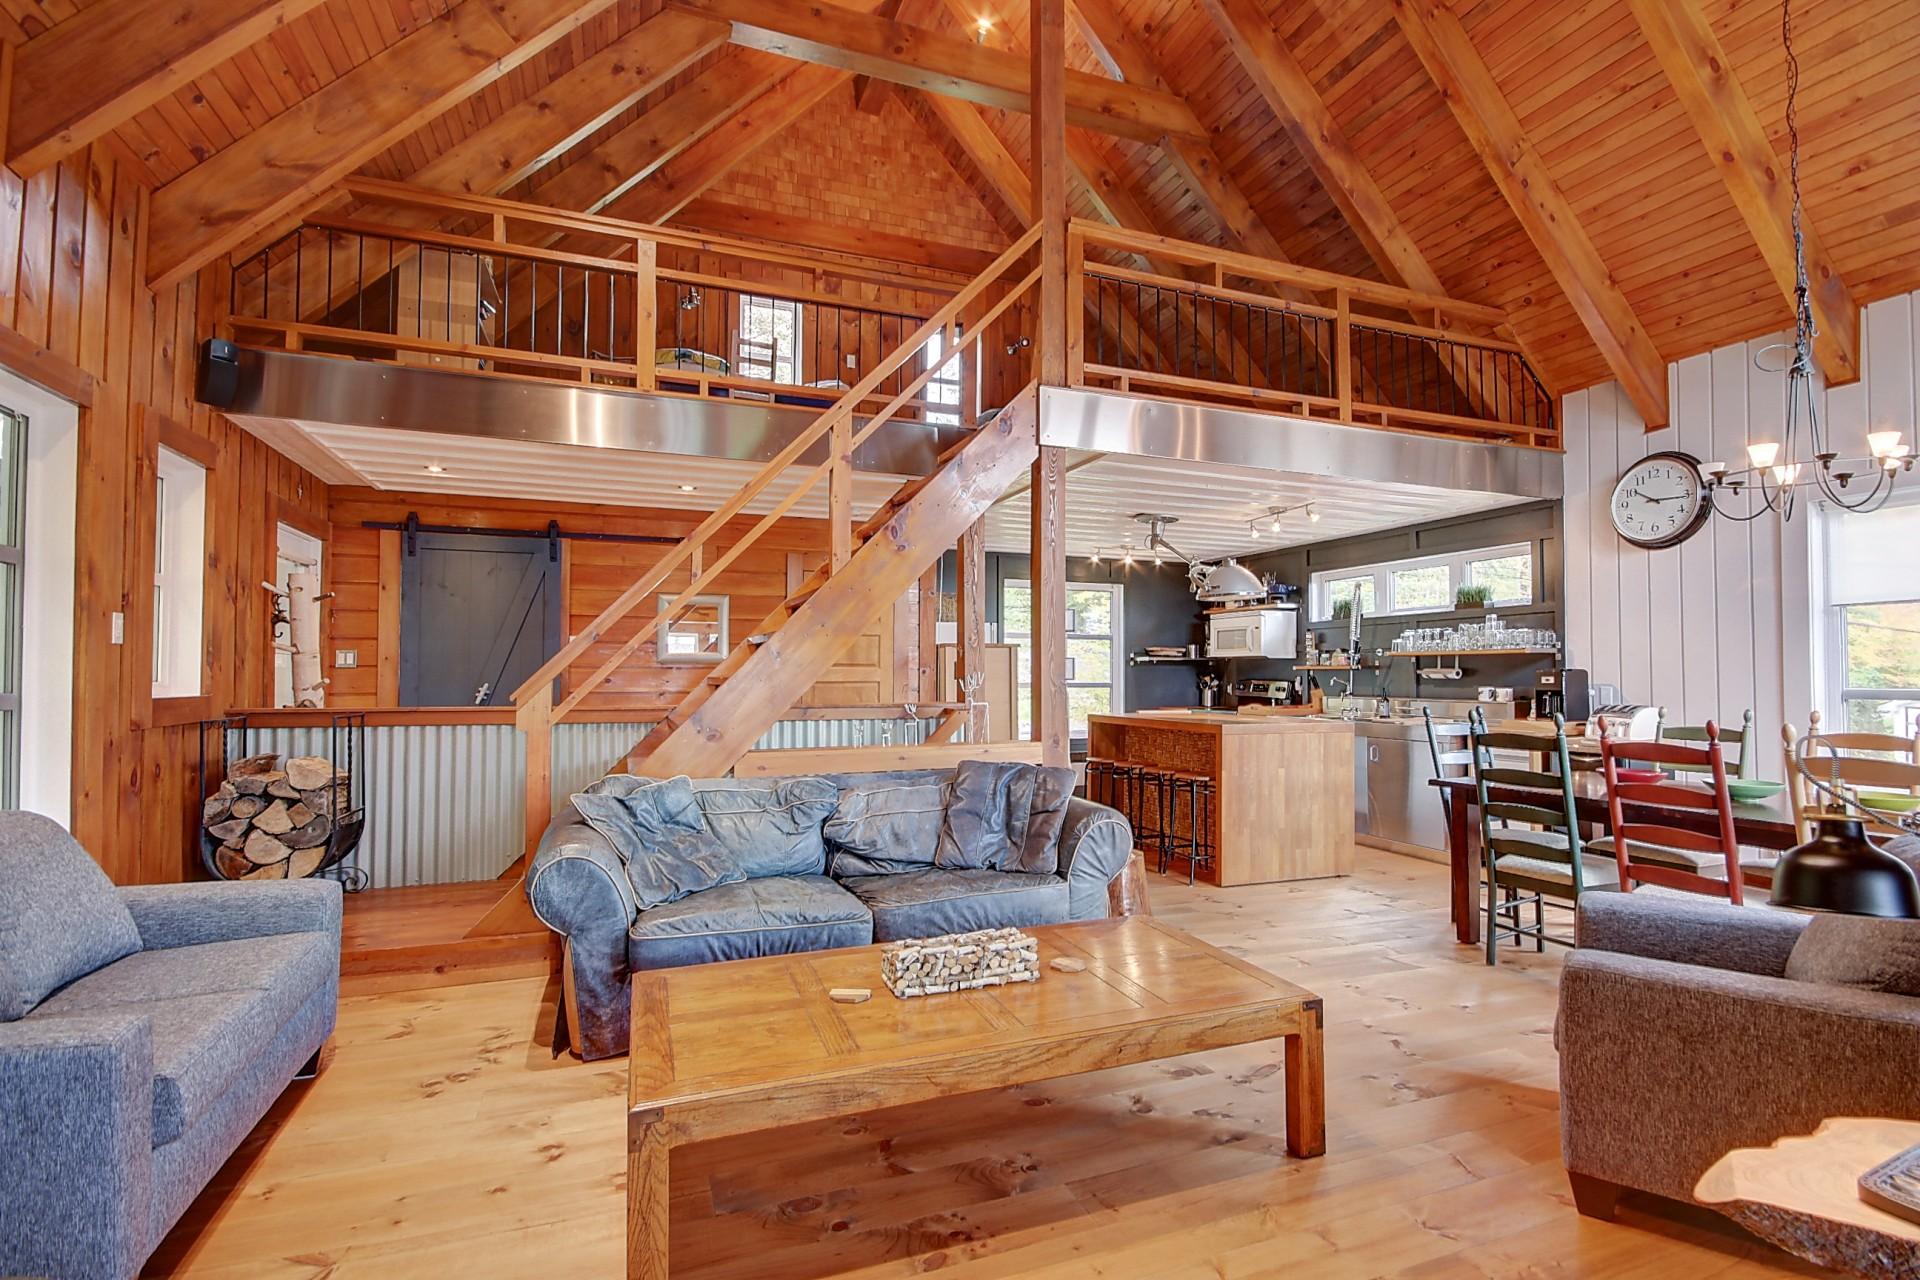 Chalet intérieur style boisé en Estrie